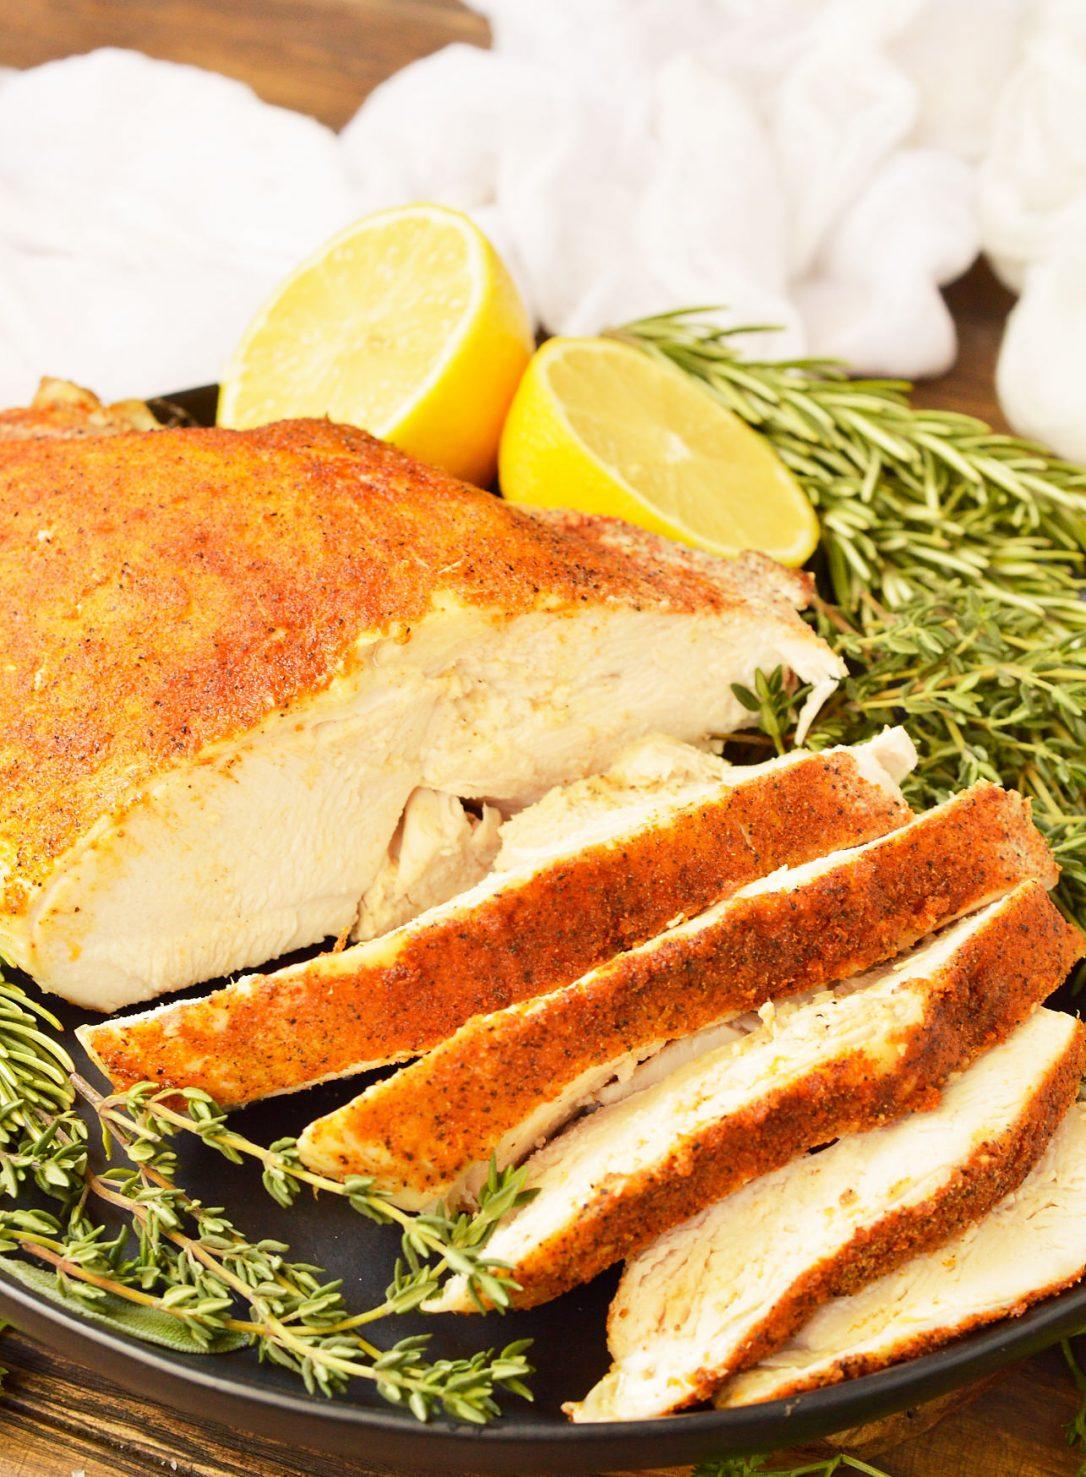 Slow Cooker Turkey Breast Paleo, Whole30 - Wonkywonderful-6893